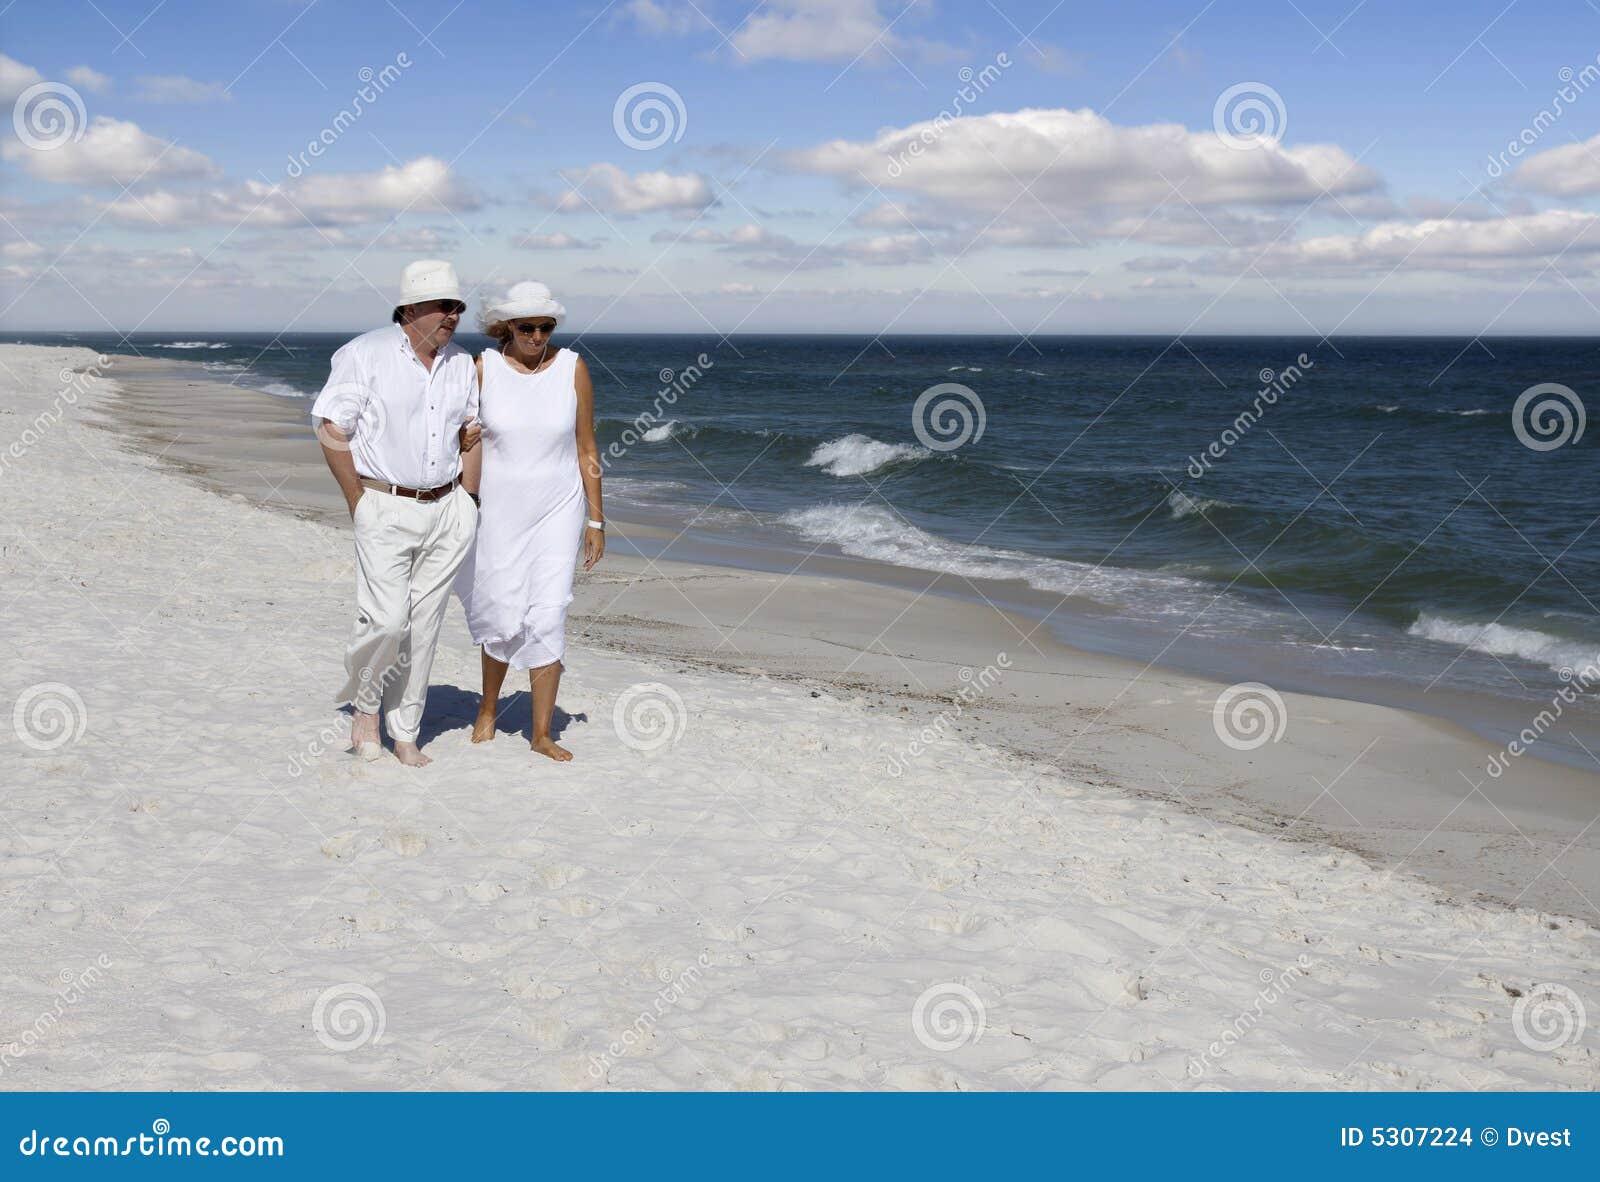 Download Insieme fotografia stock. Immagine di uomini, giorno, adulti - 5307224